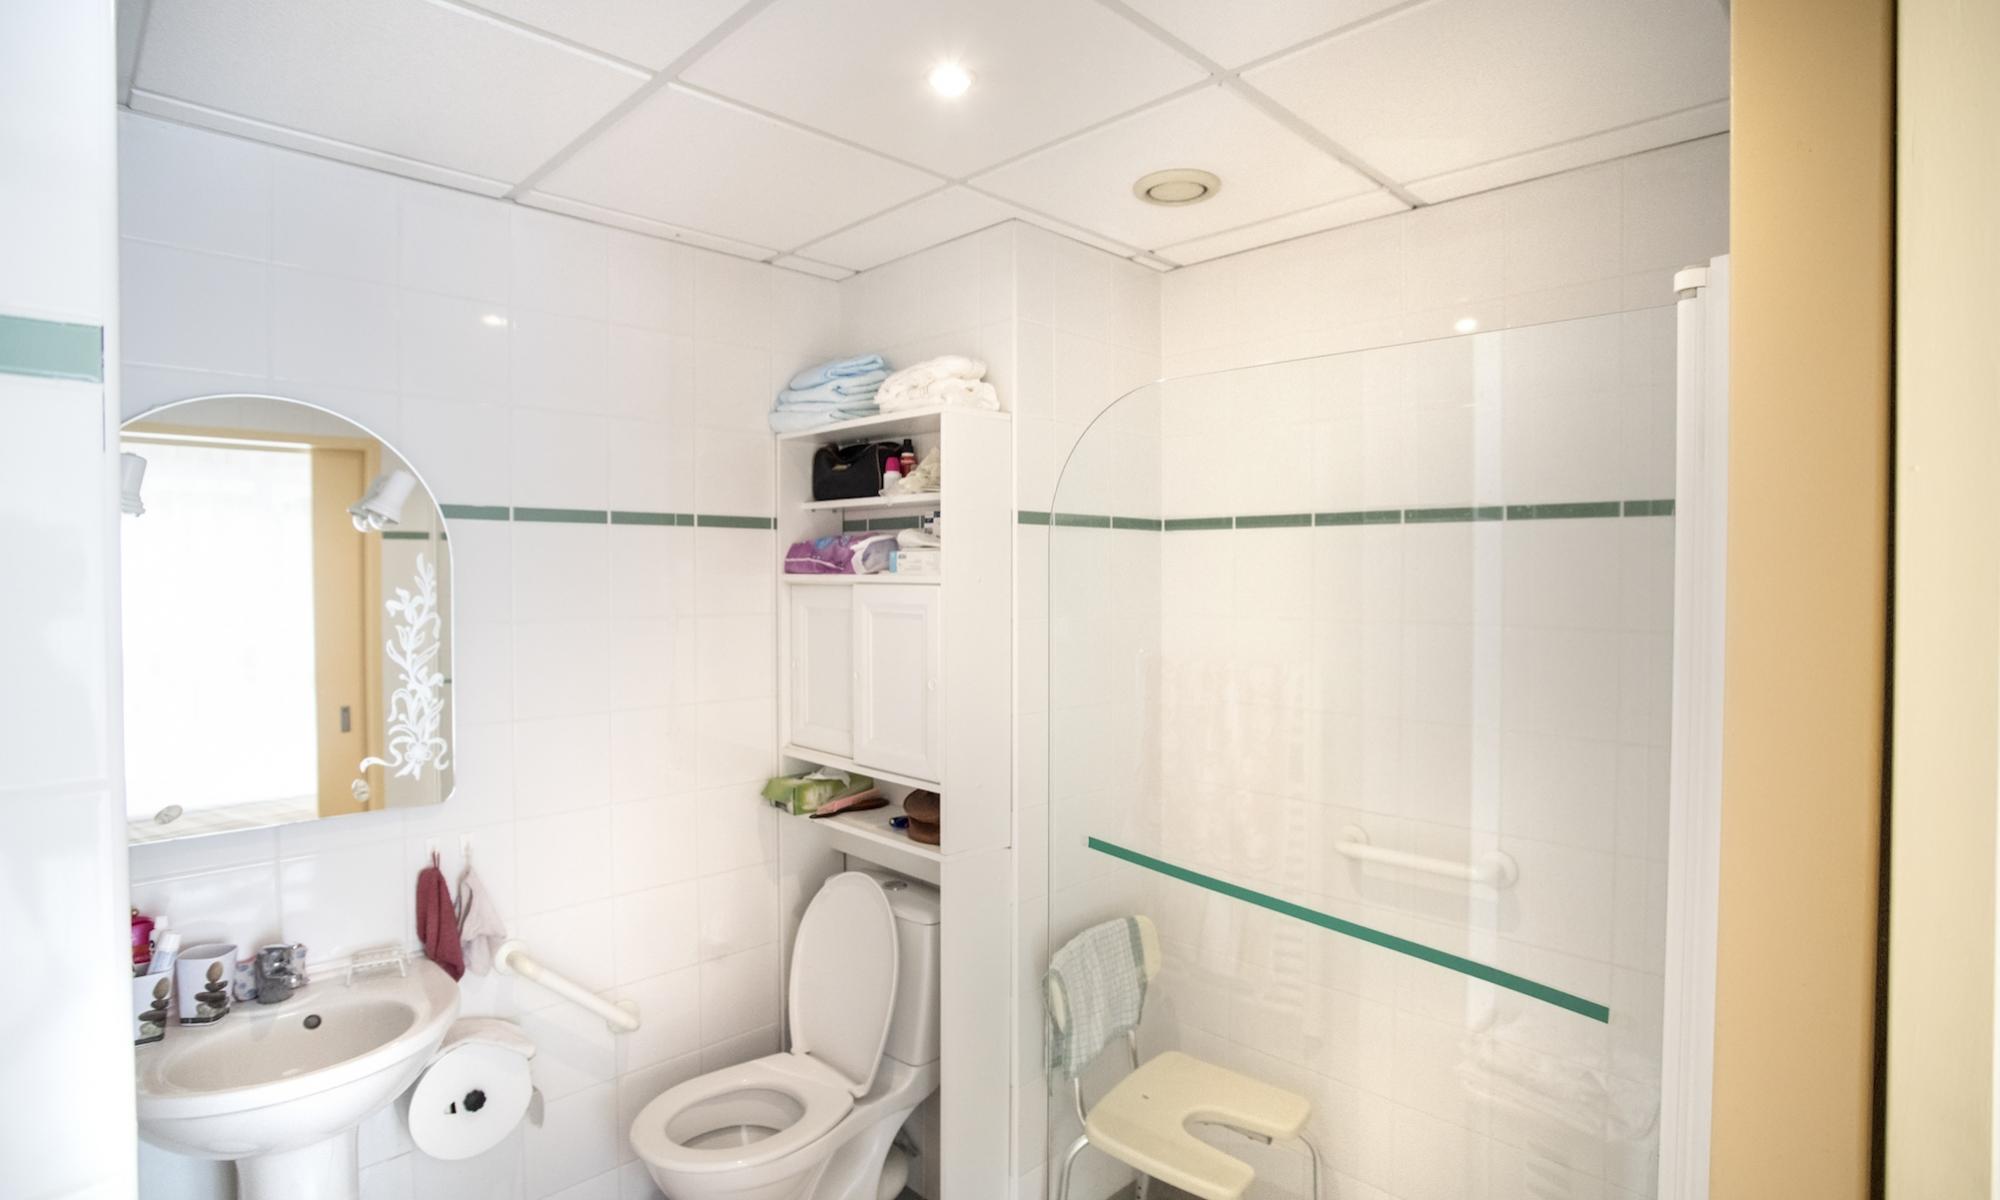 Galerie repotel brunoy for Salle de bain maison de retraite